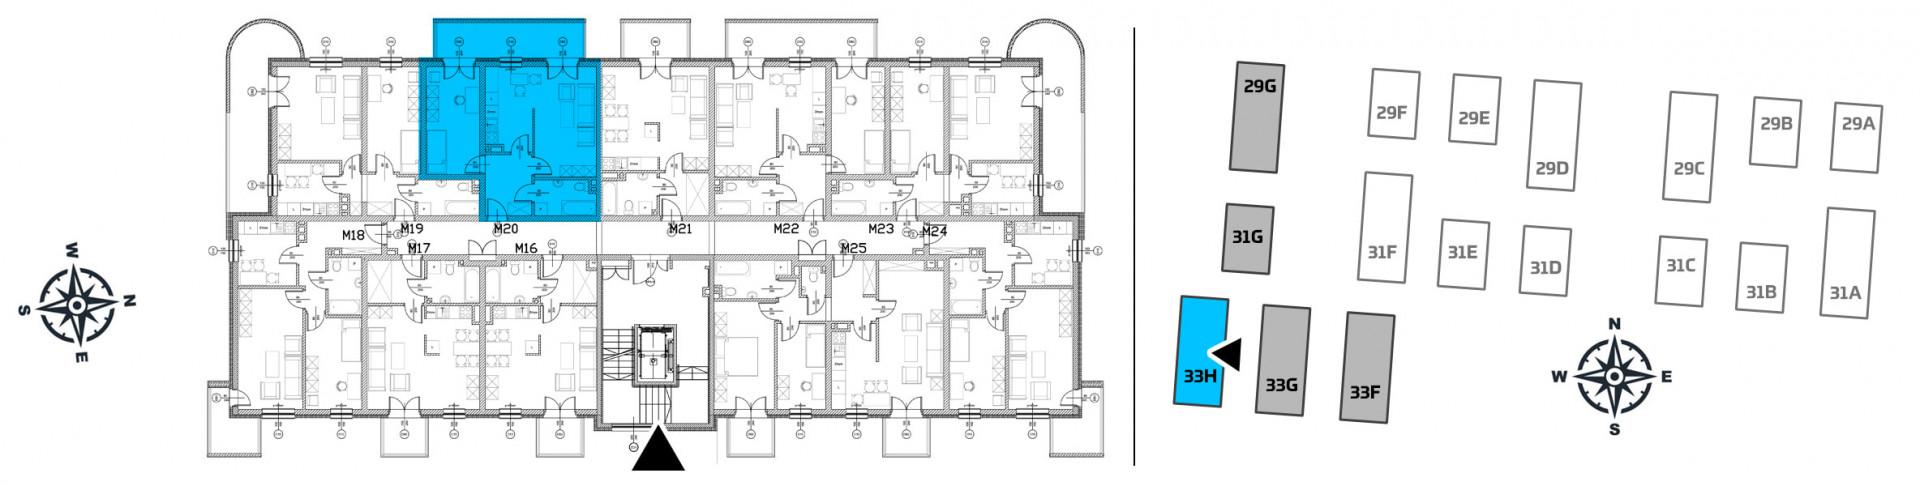 Mieszkanie dwupokojowe 33H/20 rzut 2